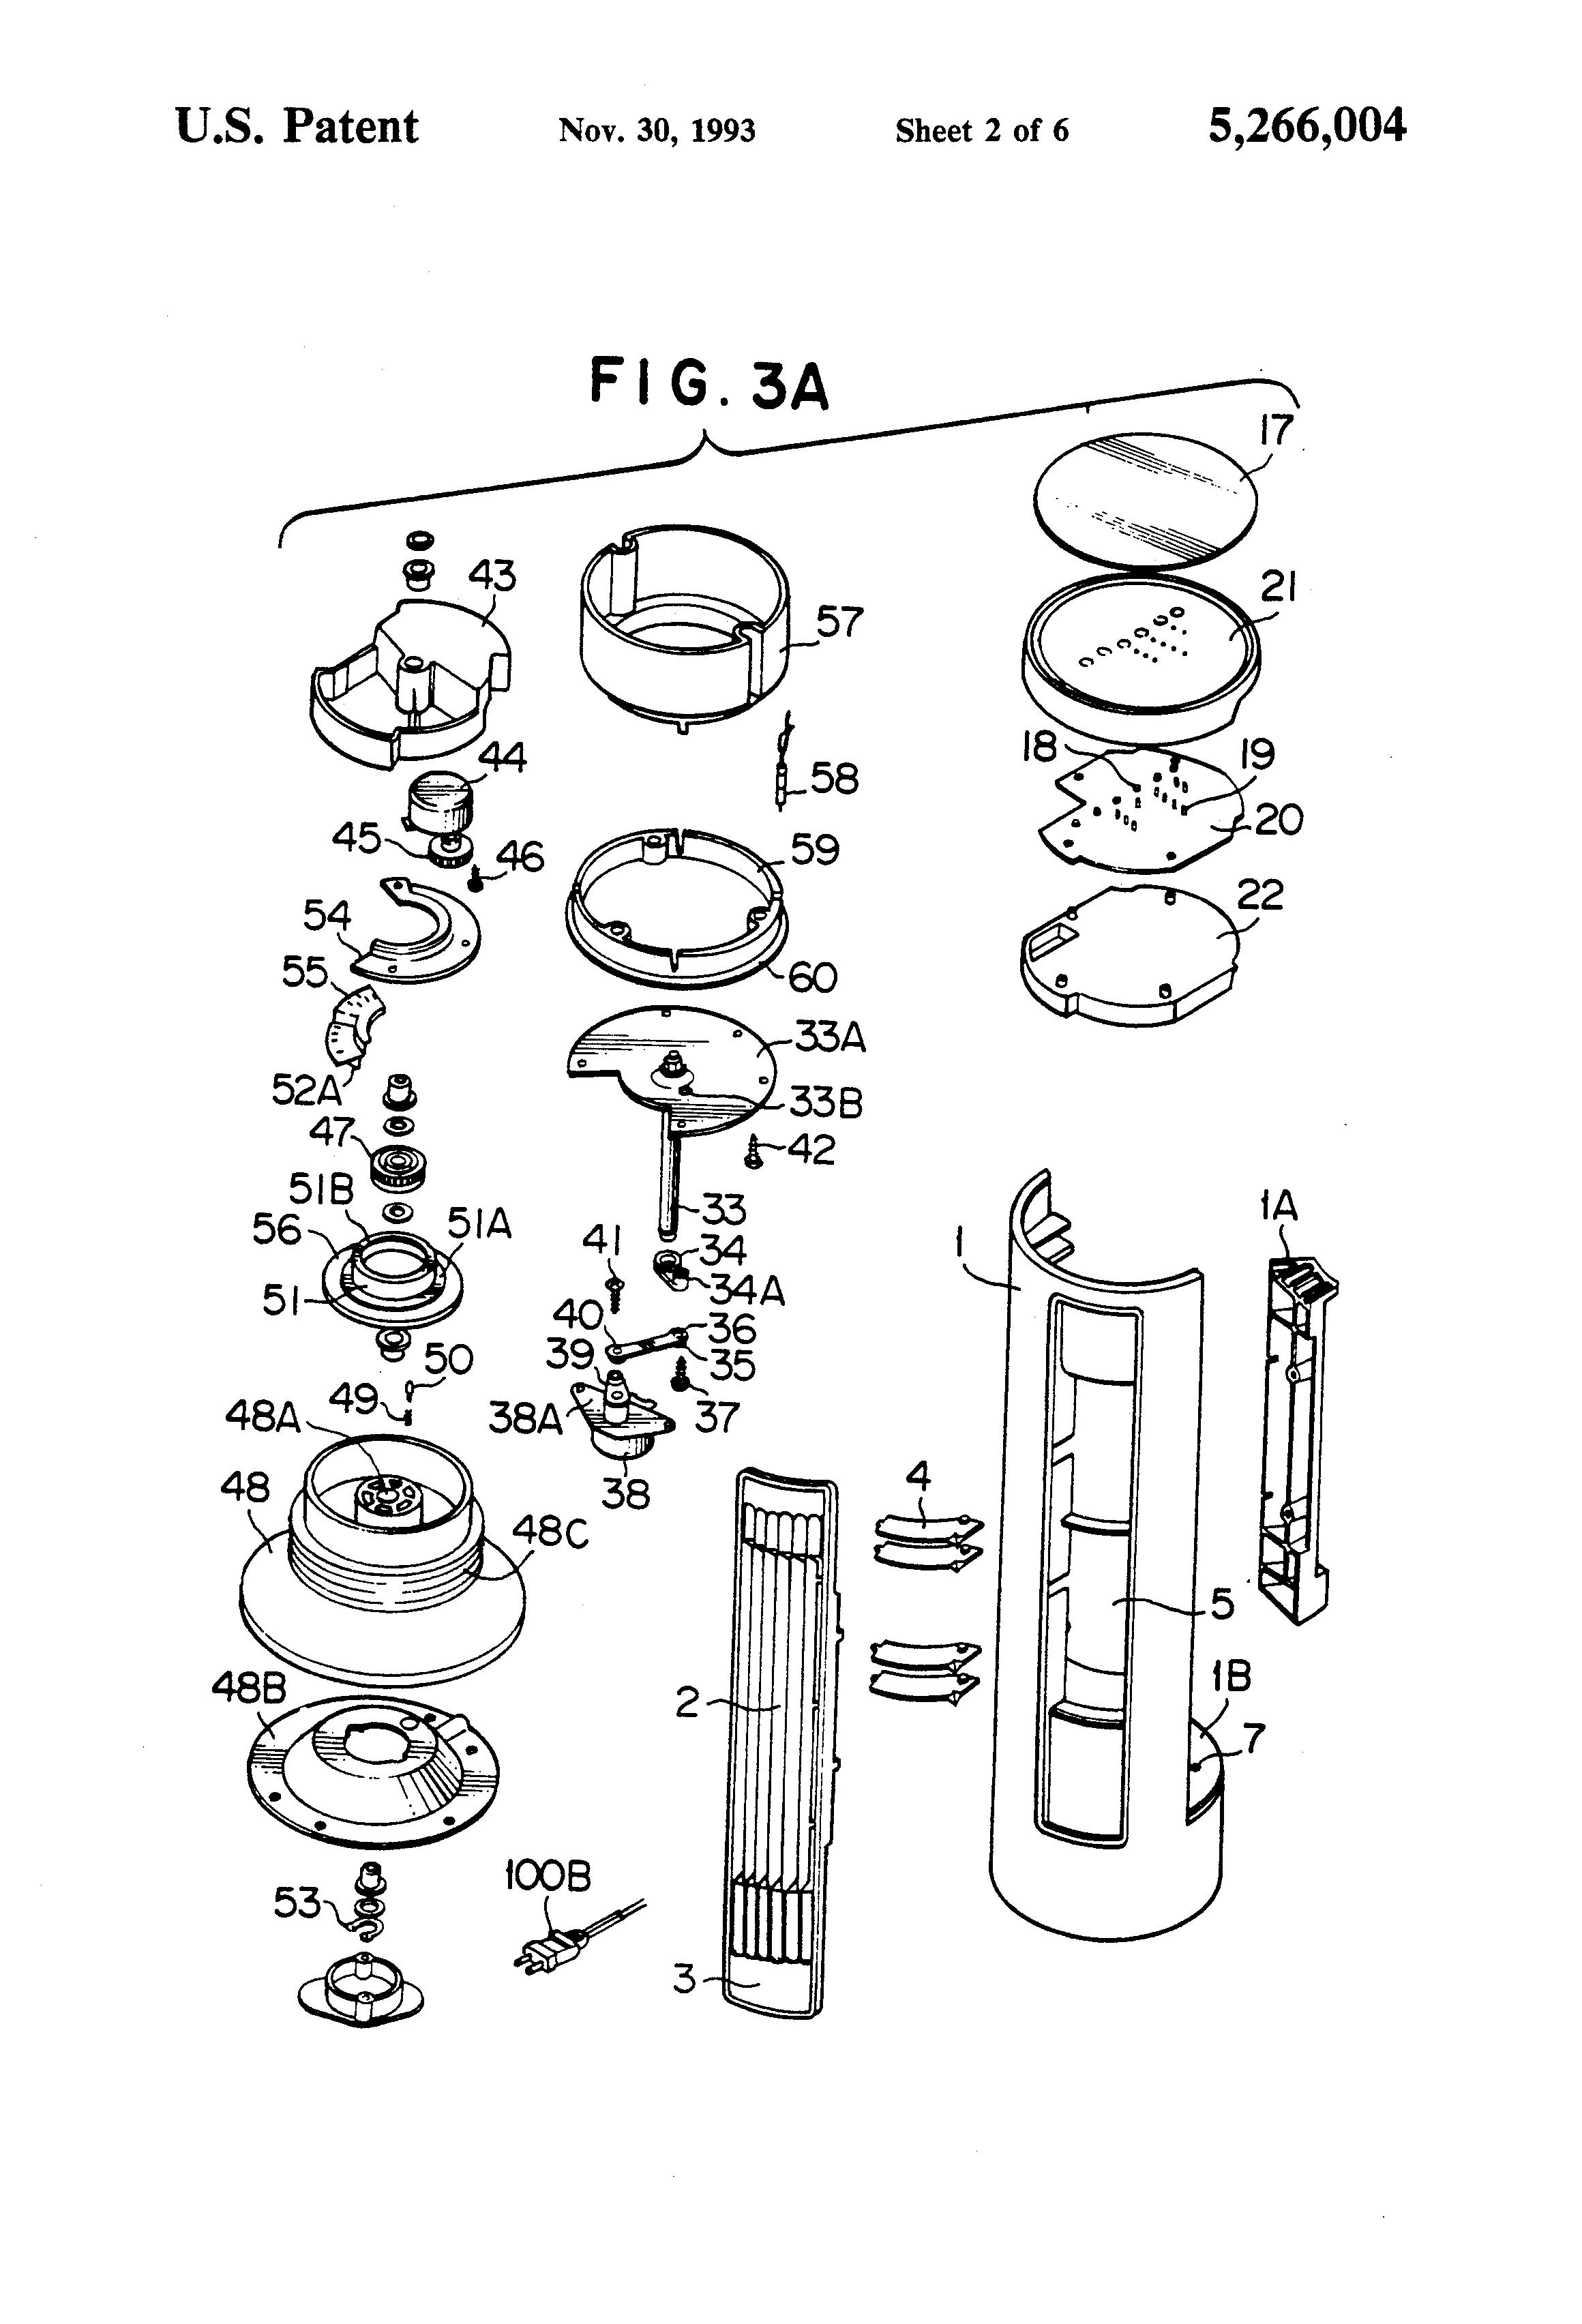 [GJFJ_338]  GY_2137] Lasko Tower Fan Wiring Diagram Download Diagram | Lasko Tower Fan Wiring Diagram |  | Bepta Perm Phae Mohammedshrine Librar Wiring 101